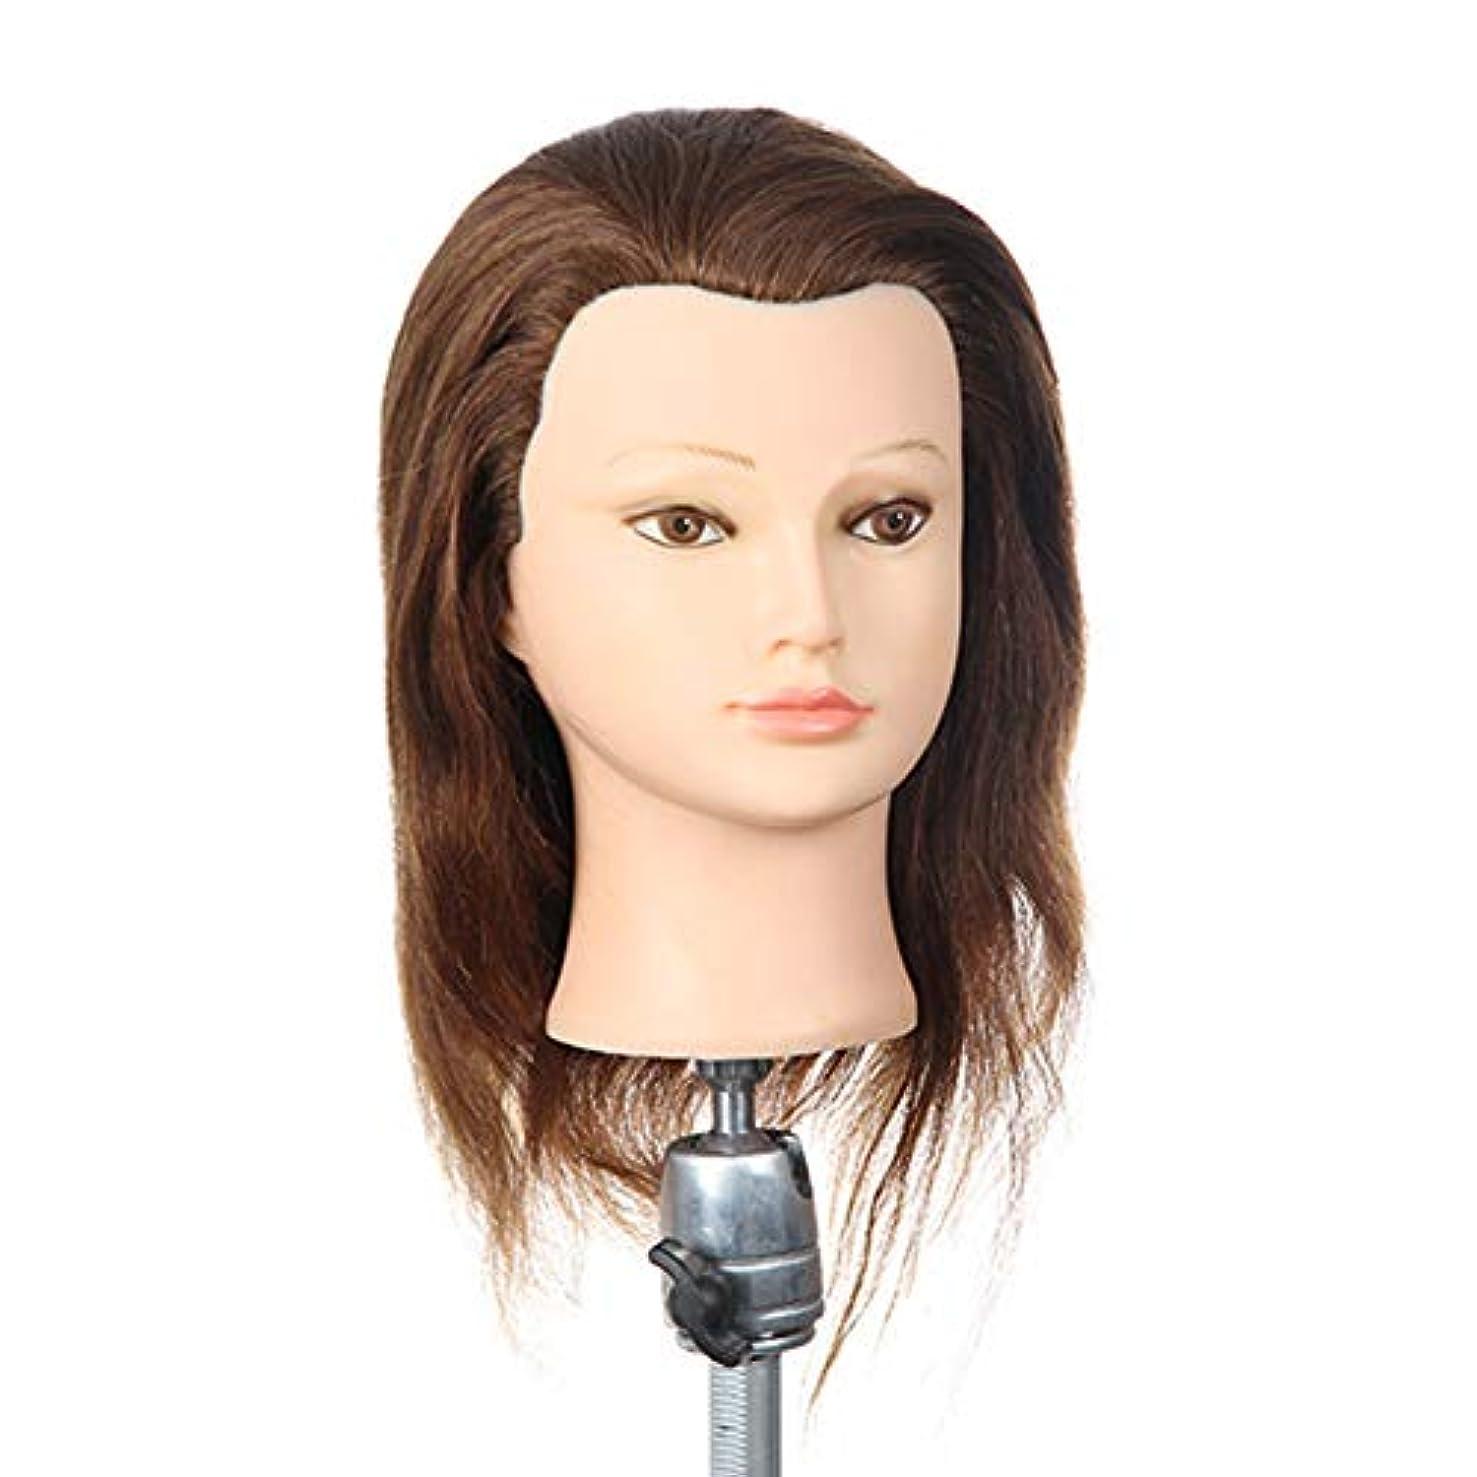 市民権提唱するペダルパーマ髪染めティーチングヘッドメイクヘアスタイリングモデルヘッド理髪練習ヘッドブローホットロールマネキンヘッド